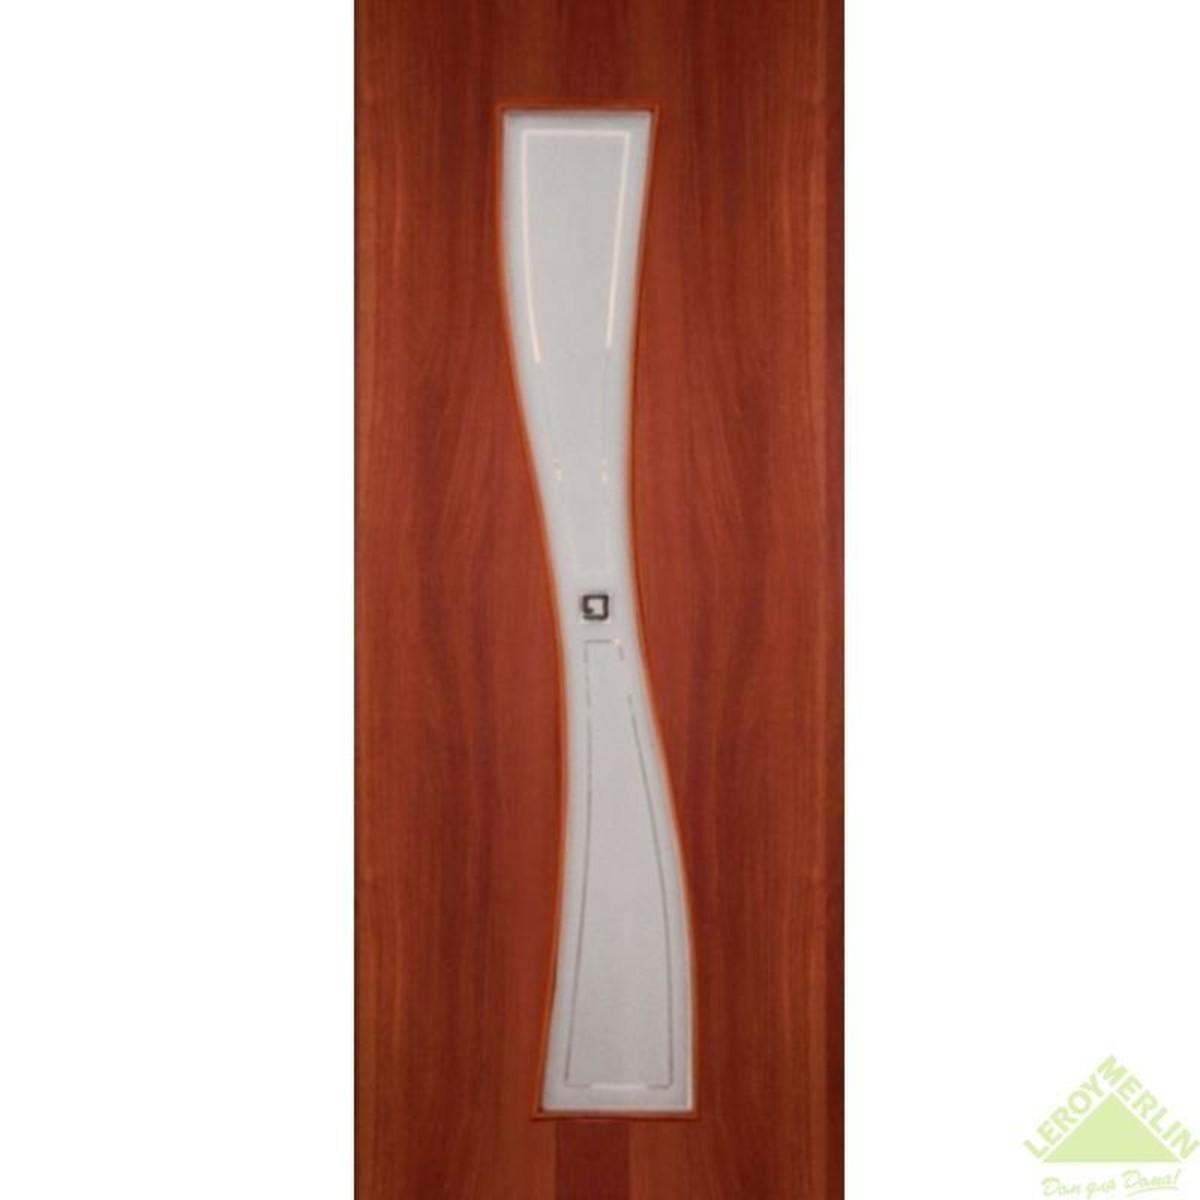 Дверь Межкомнатная Остеклённая Сезия 700x2000 Ламинация Итальянский Орех